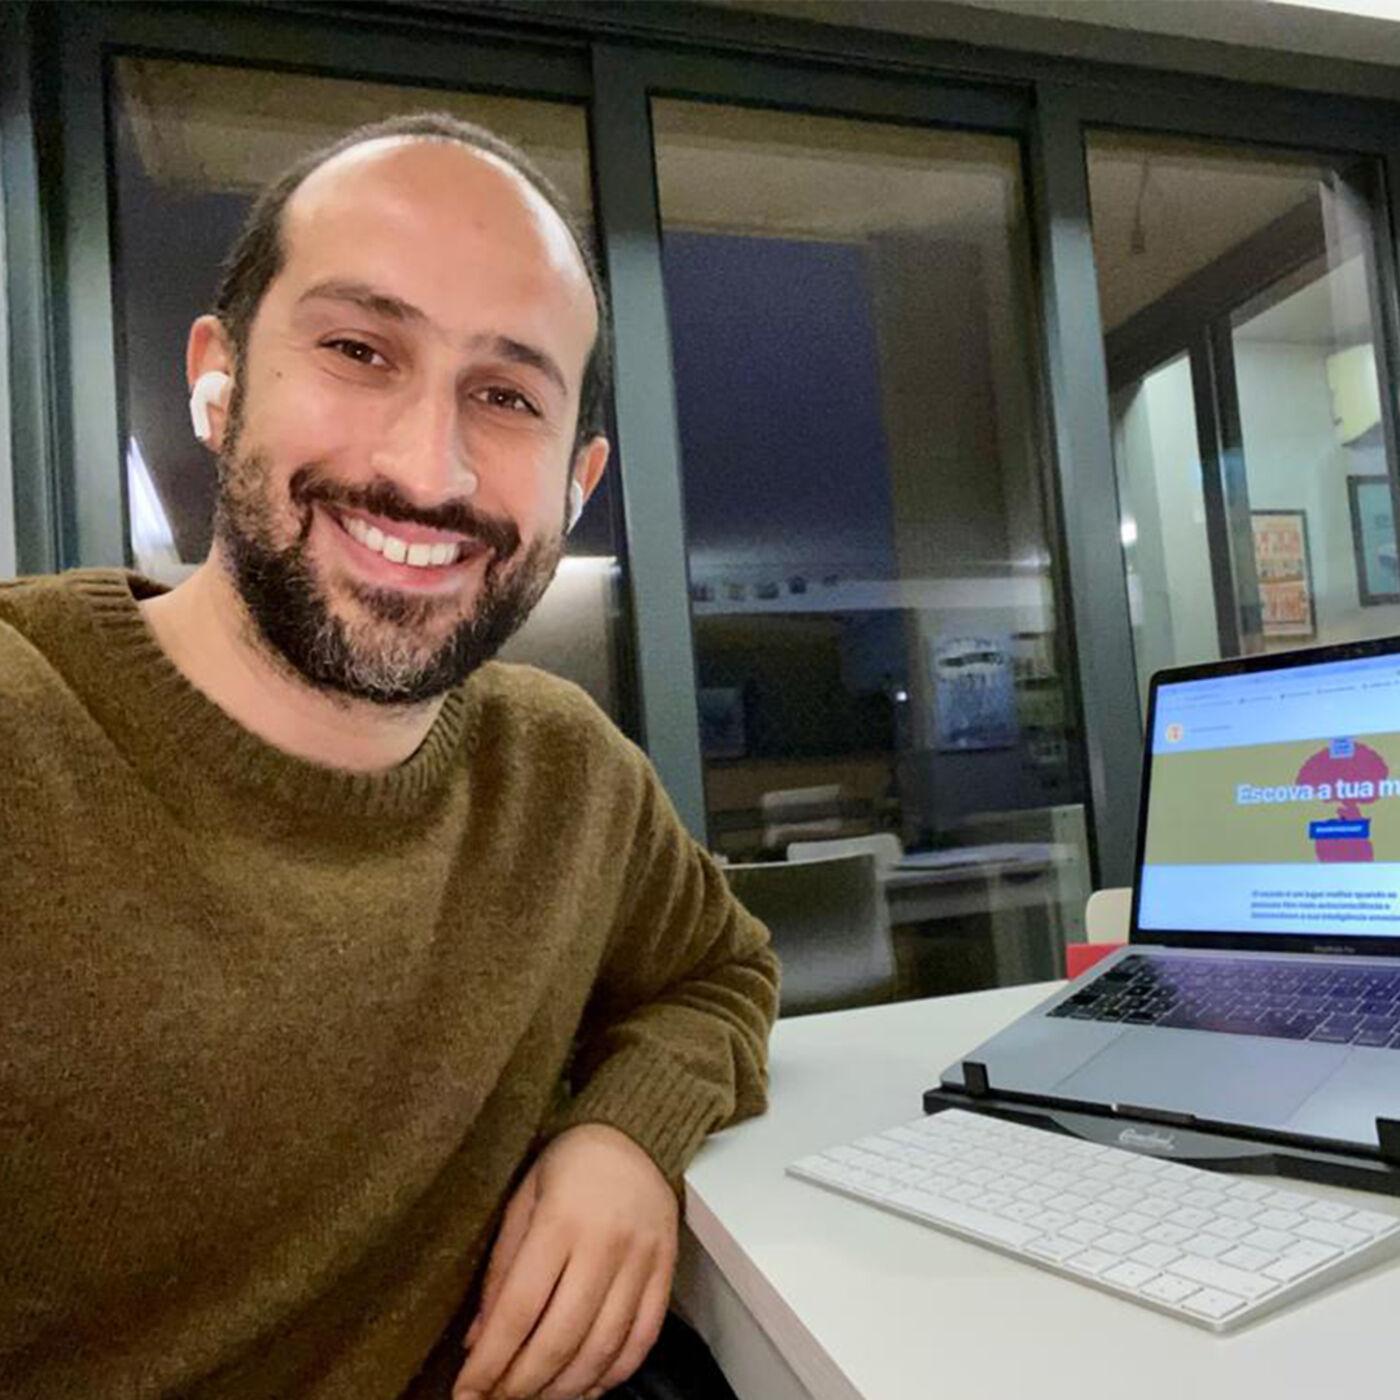 53º Como tirar ideias do papel? Com Tiago Sequeira, Co-Fundador da Agência de Marketing Vitamina